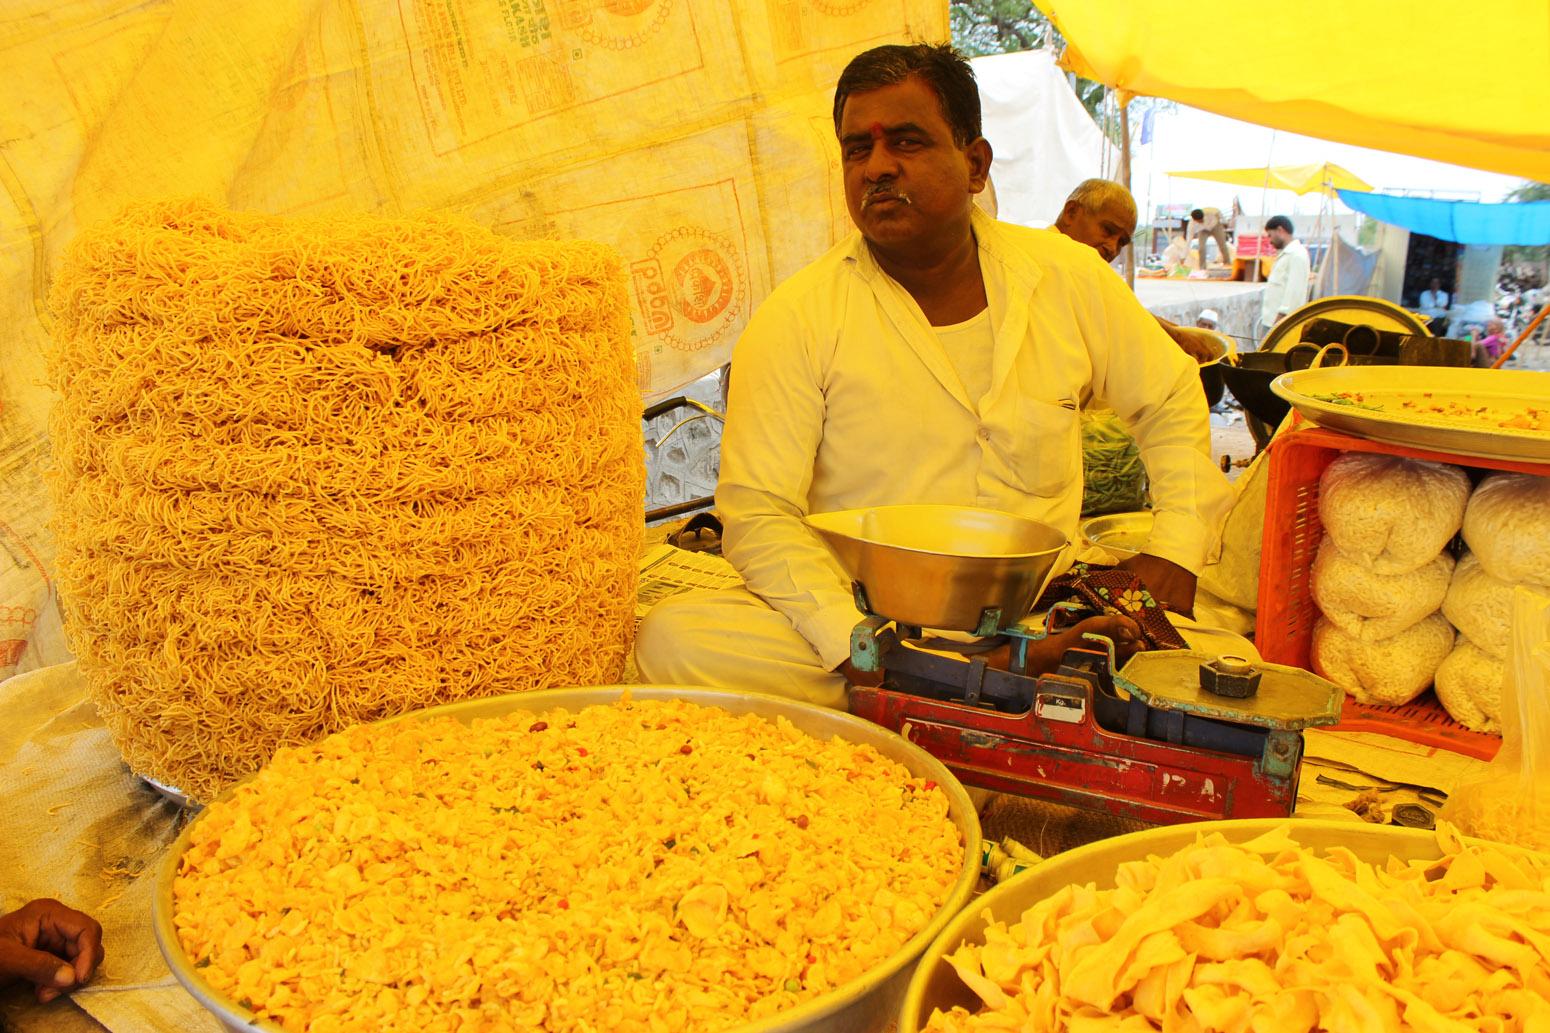 man selling food at market